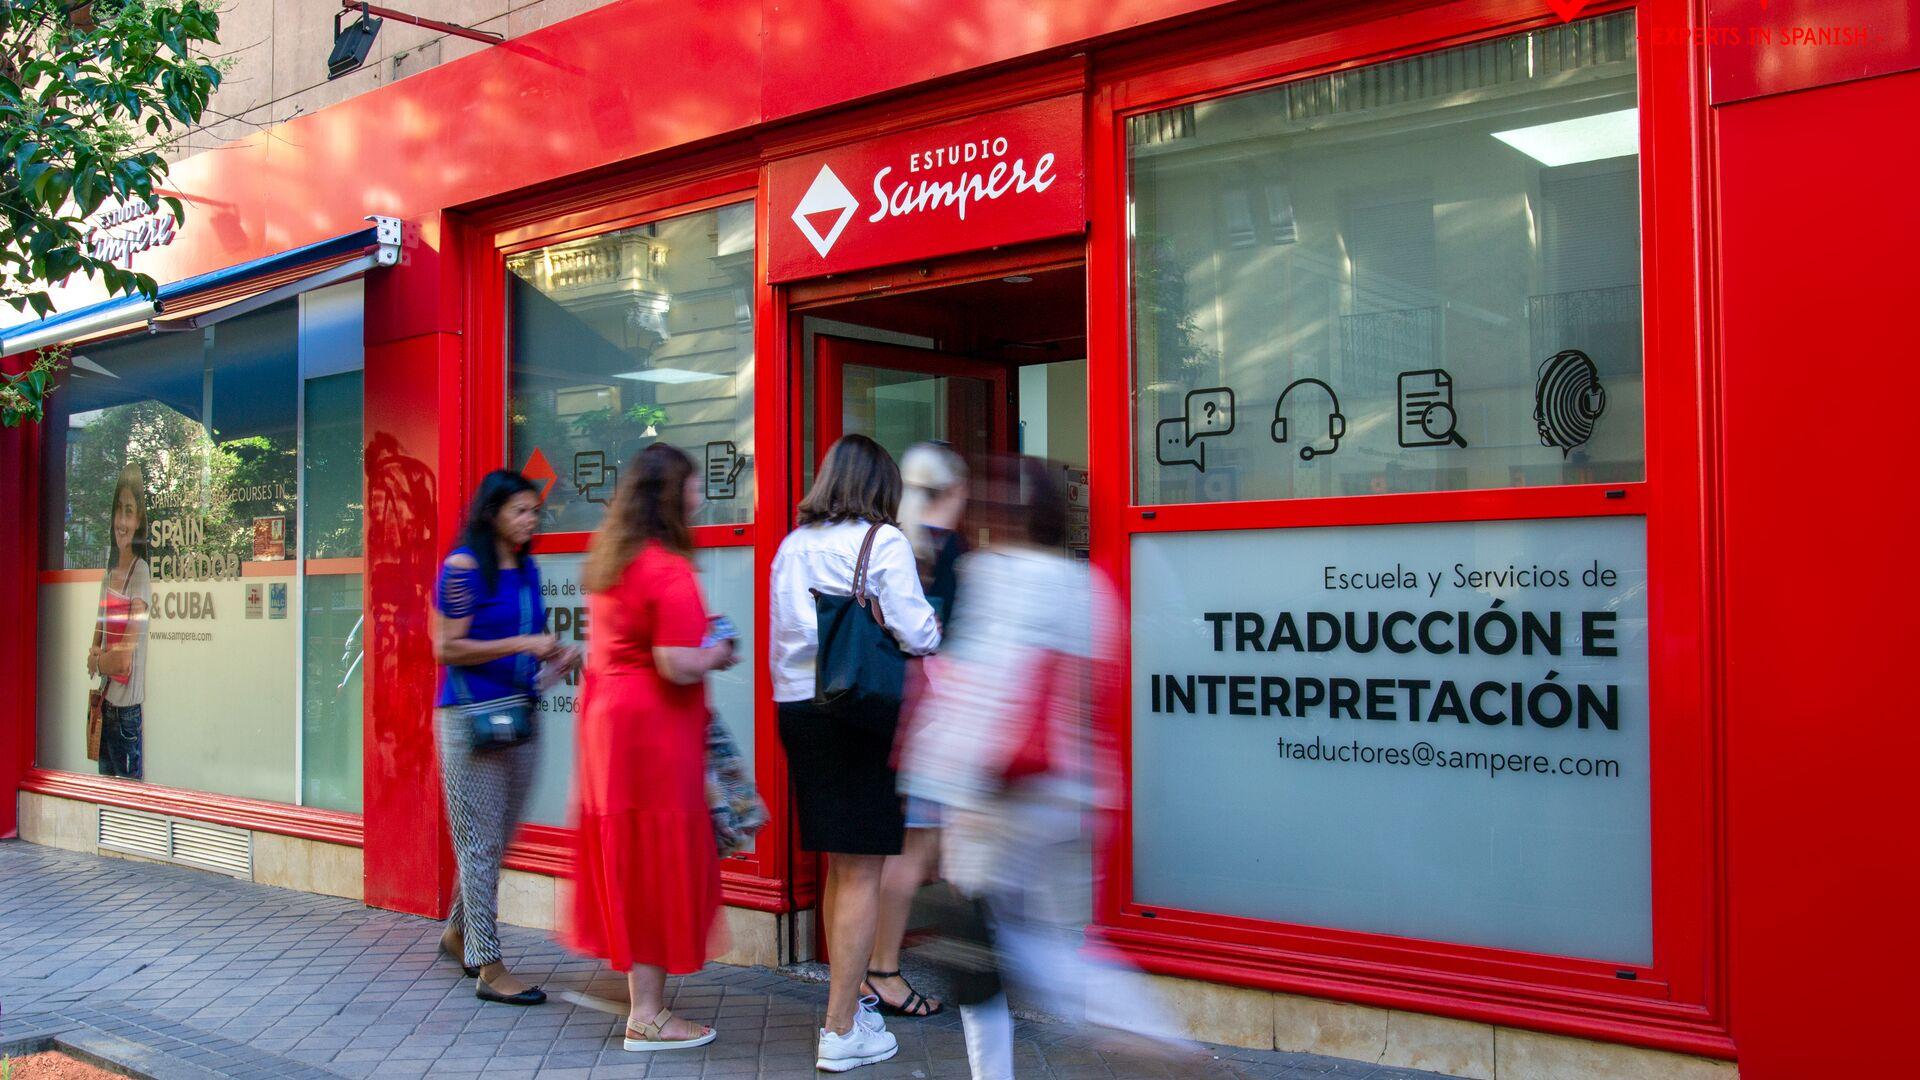 Sprachaufenthalt Spanien, Madrid - Estudio Sampere Madrid - Schule